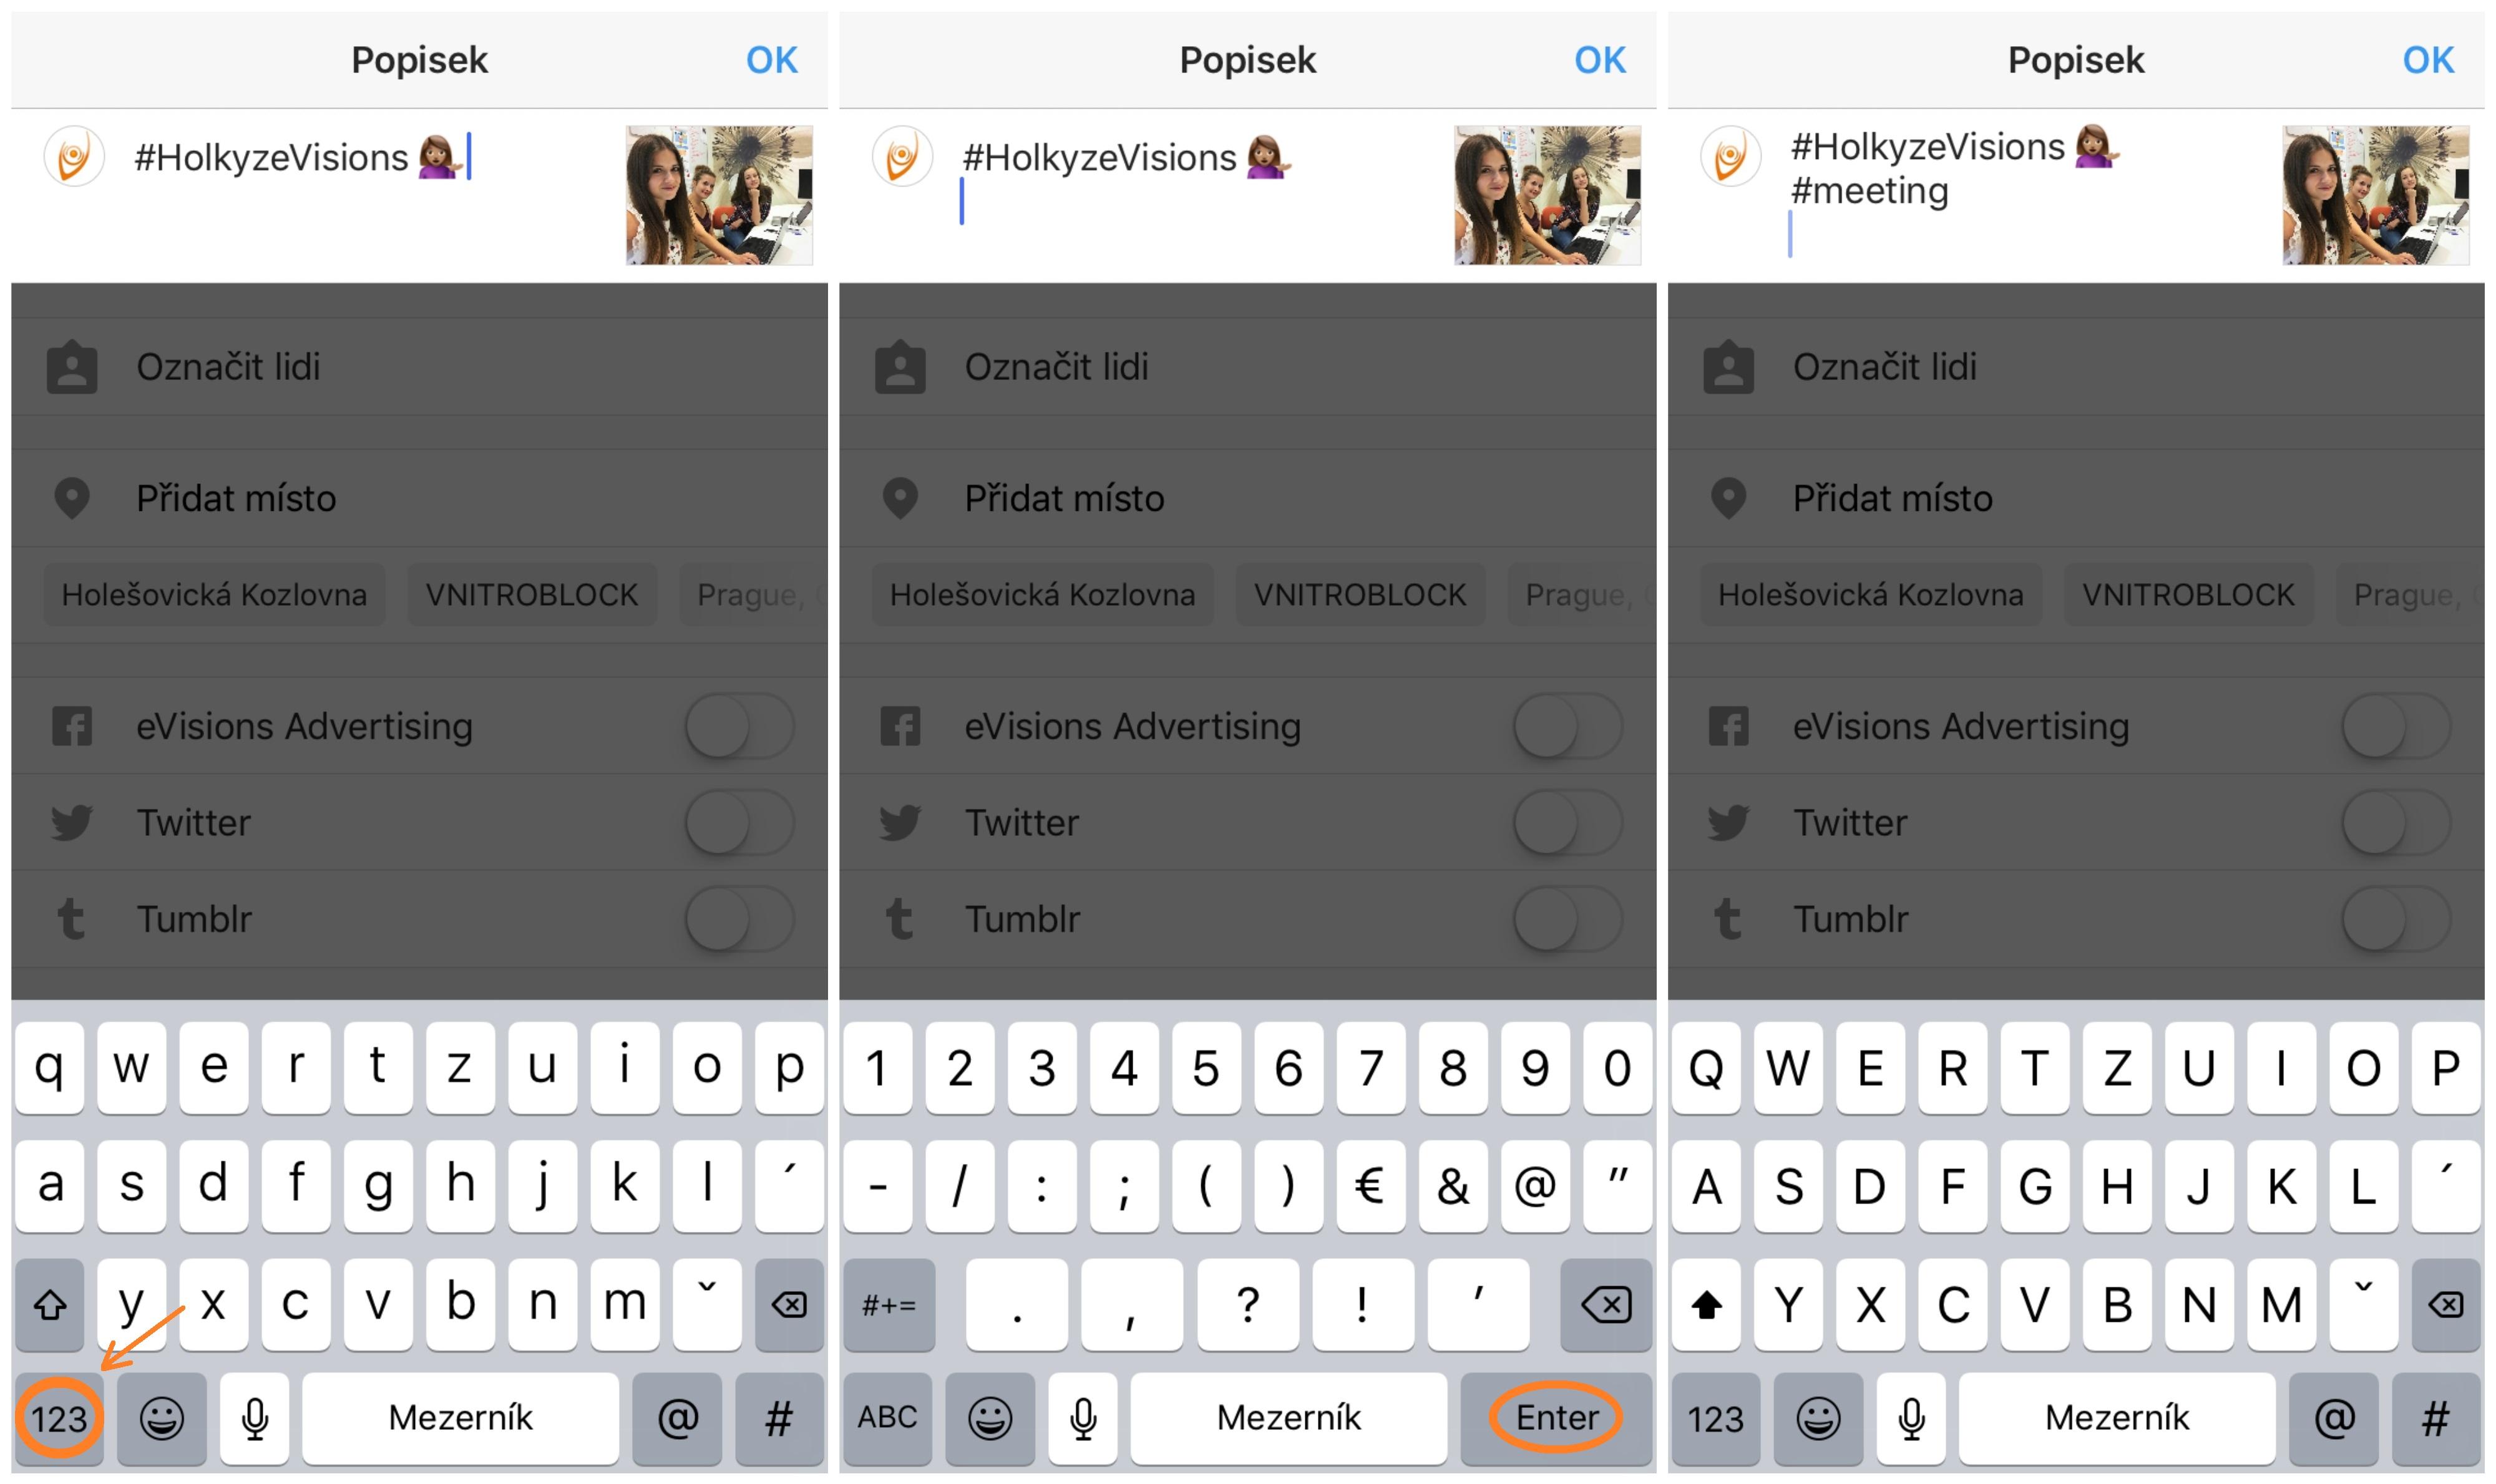 Pro uživatele Instagramu a Twitteru jsou hashtagy způsobem získávání aktuálních informací.